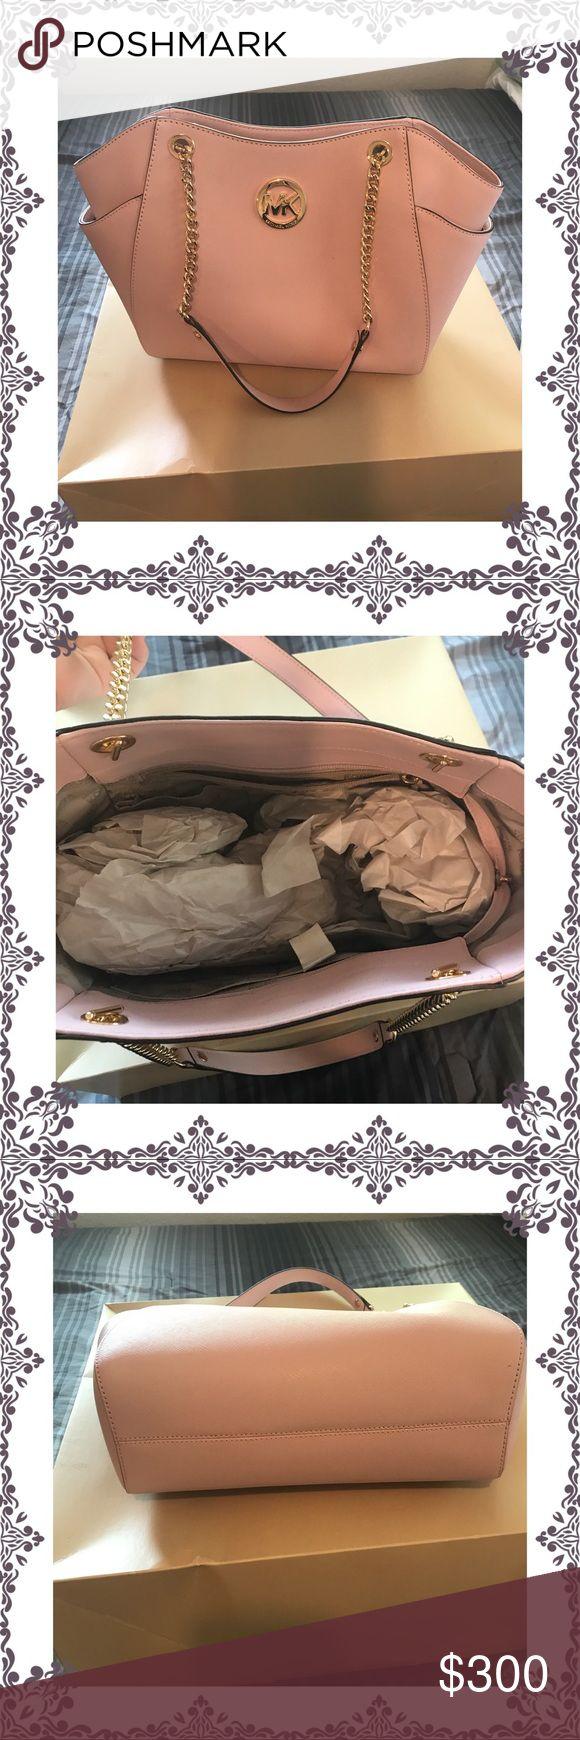 Pink Michael Kors shoulder bag NEW michael kors bag.. Michael Kors Bags